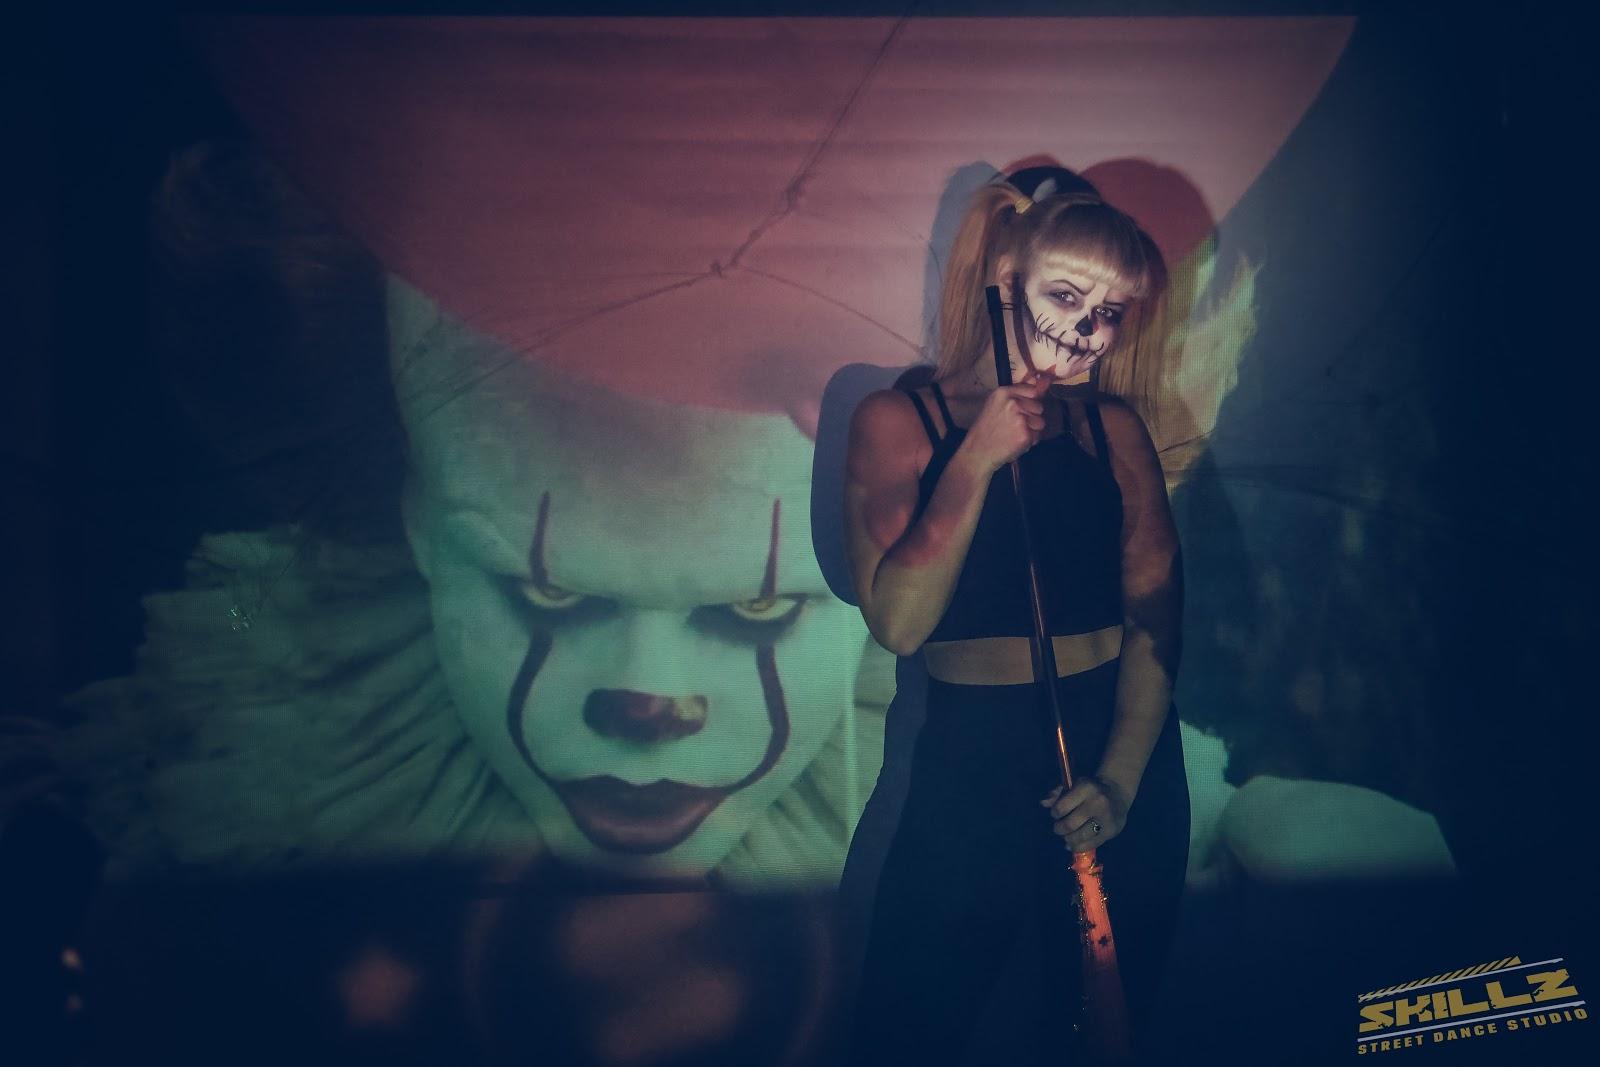 Naujikų krikštynos @SKILLZ (Halloween tema) - PANA1683.jpg